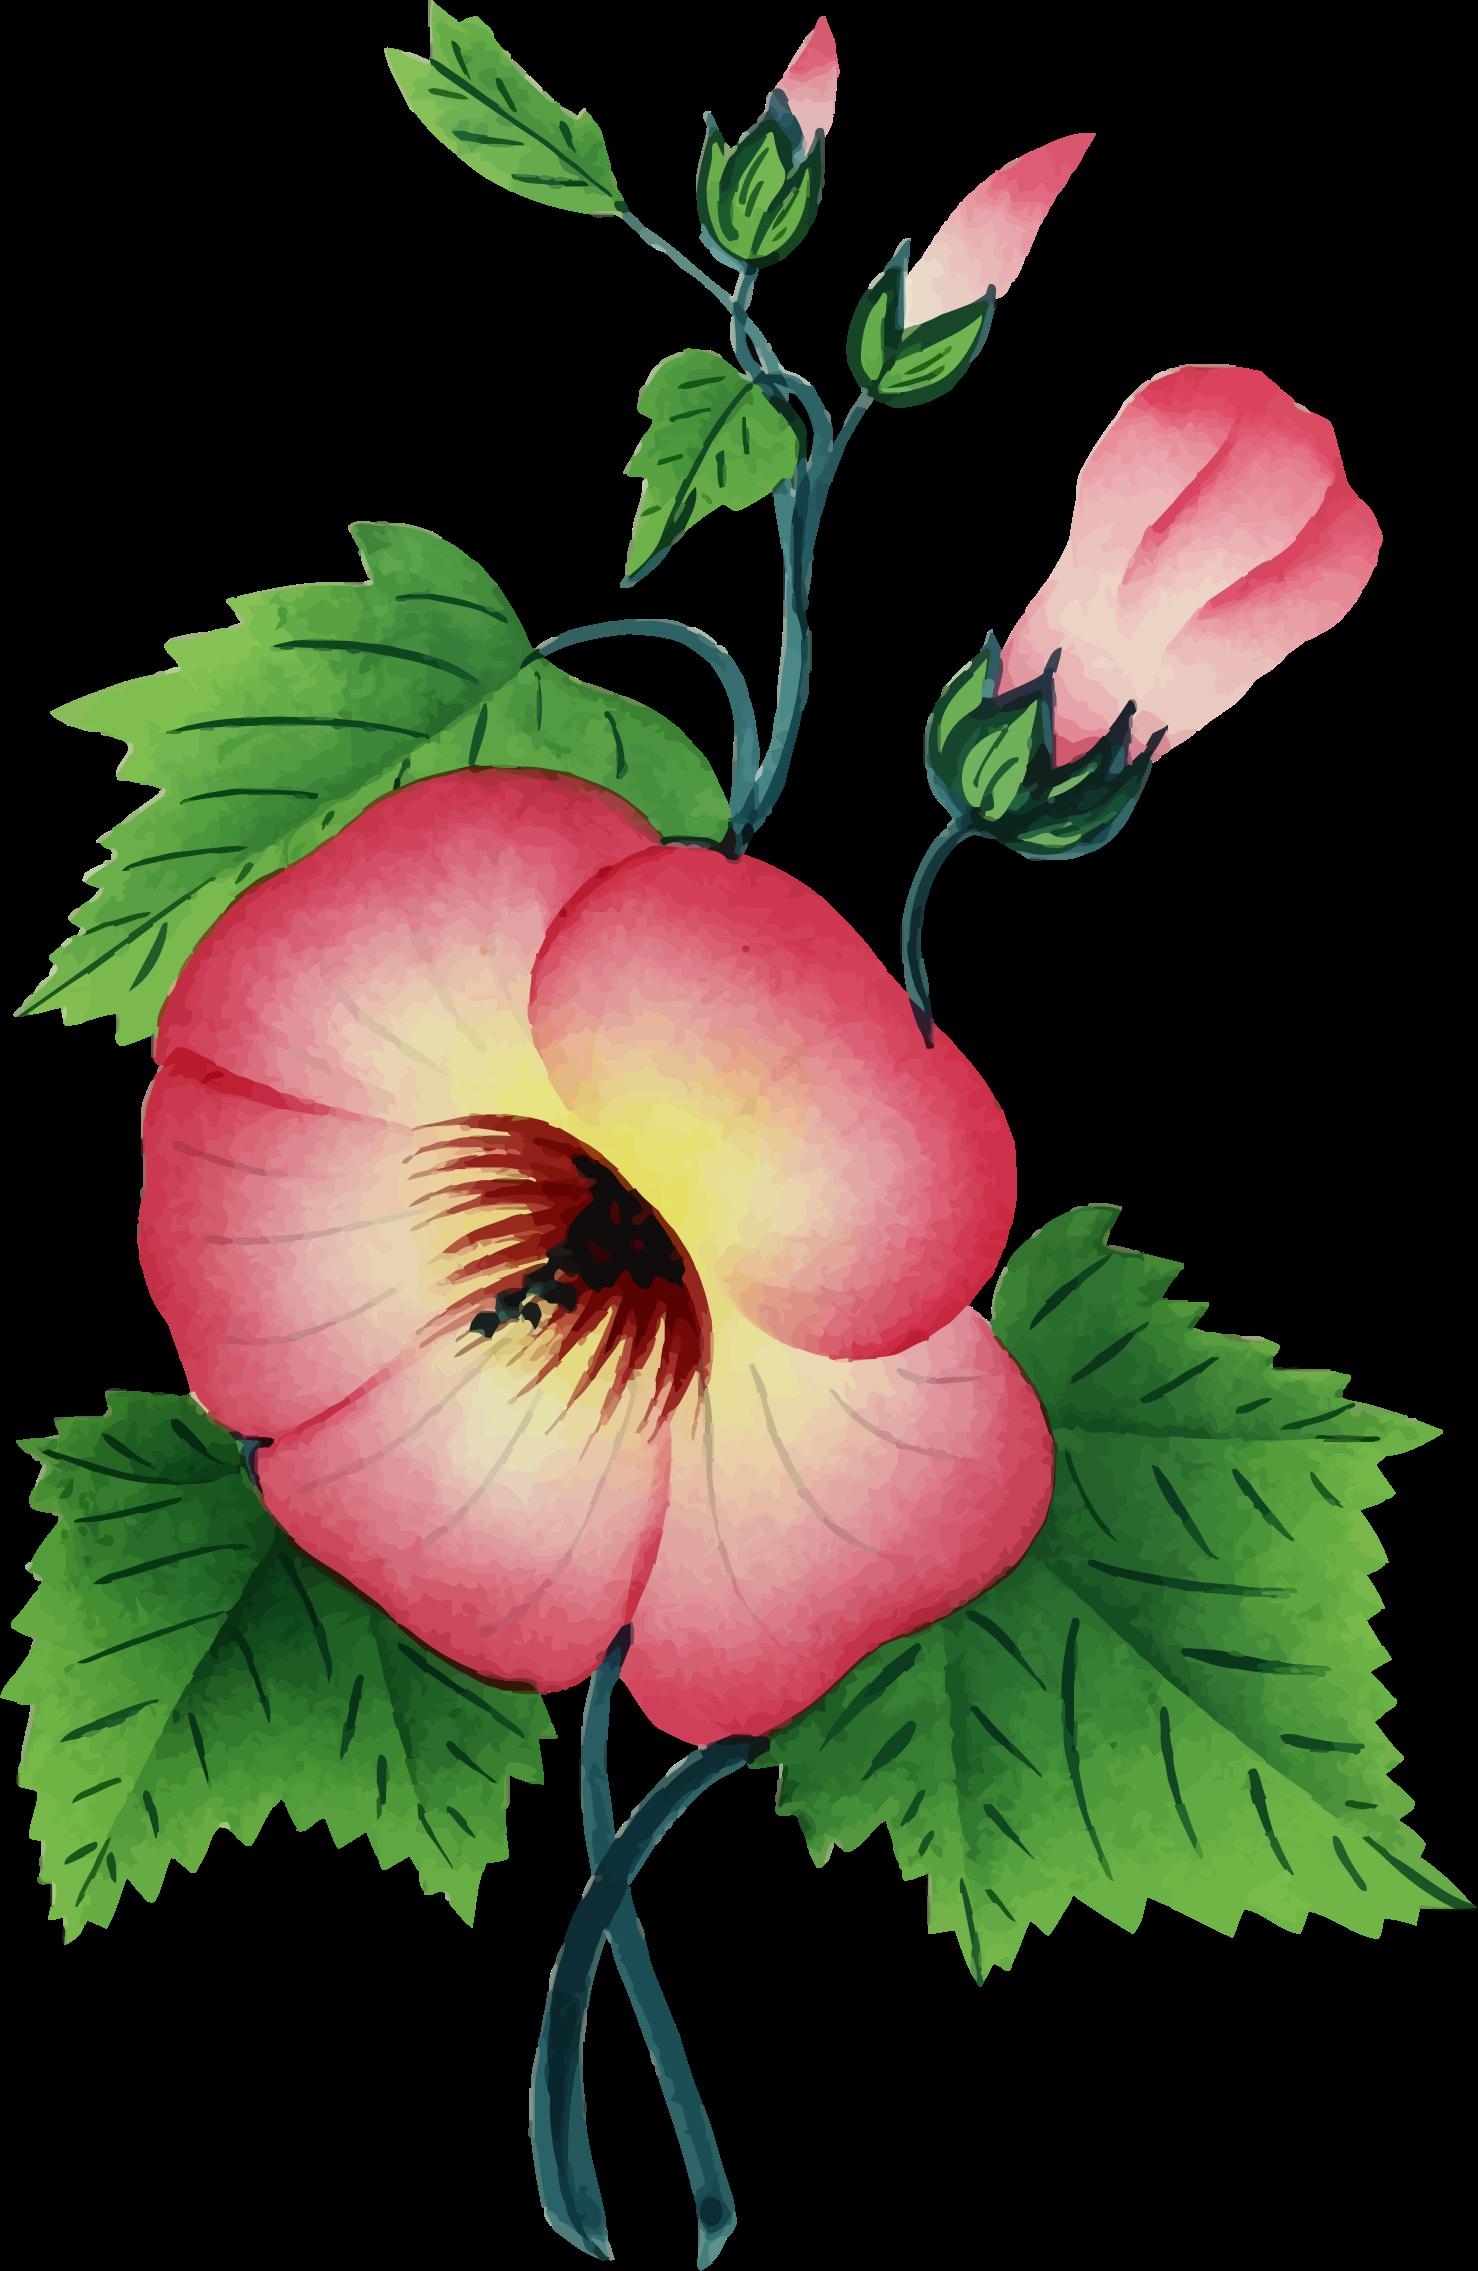 Flower illustration png. Clipart big image